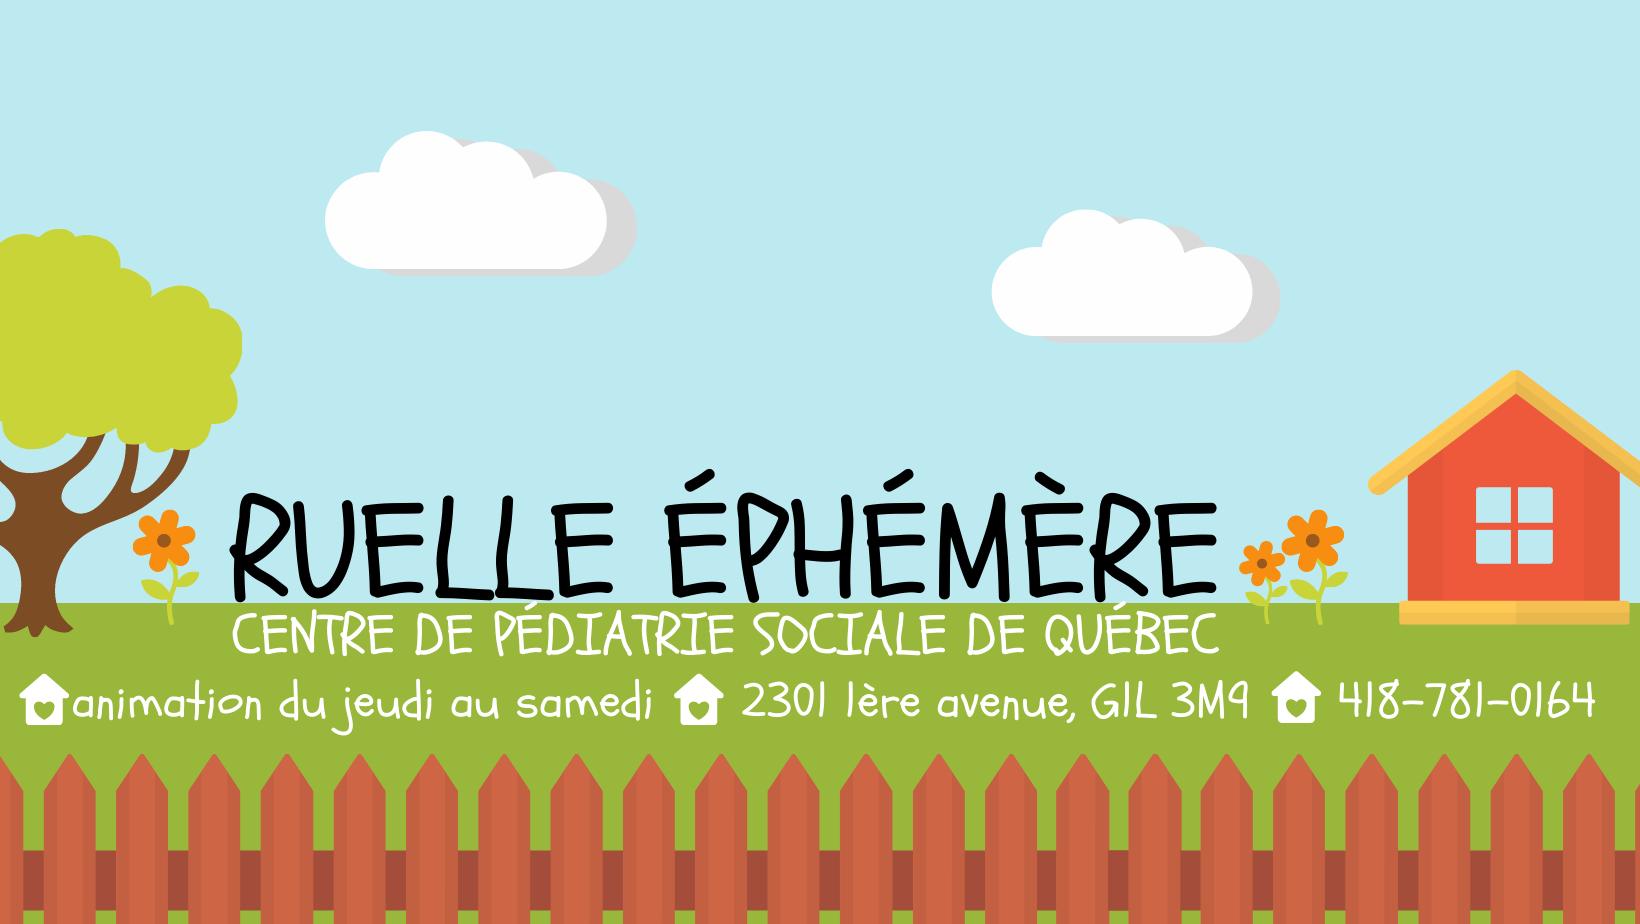 La Ruelle éphémère du Centre de pédiatrie sociale de Québec